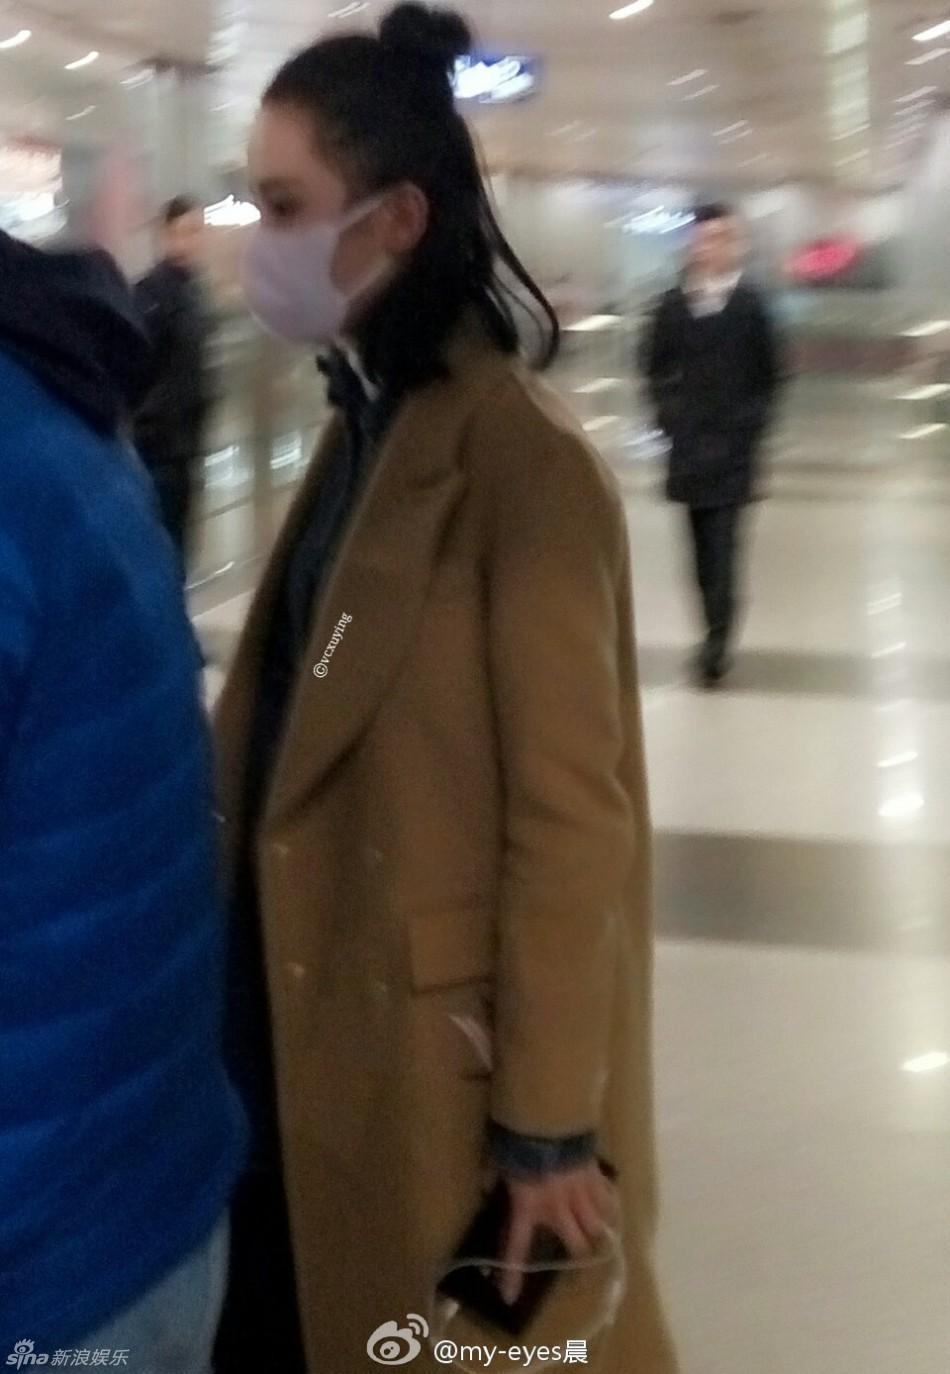 刘诗诗现身宁波机场 扎丸子头清纯有气质